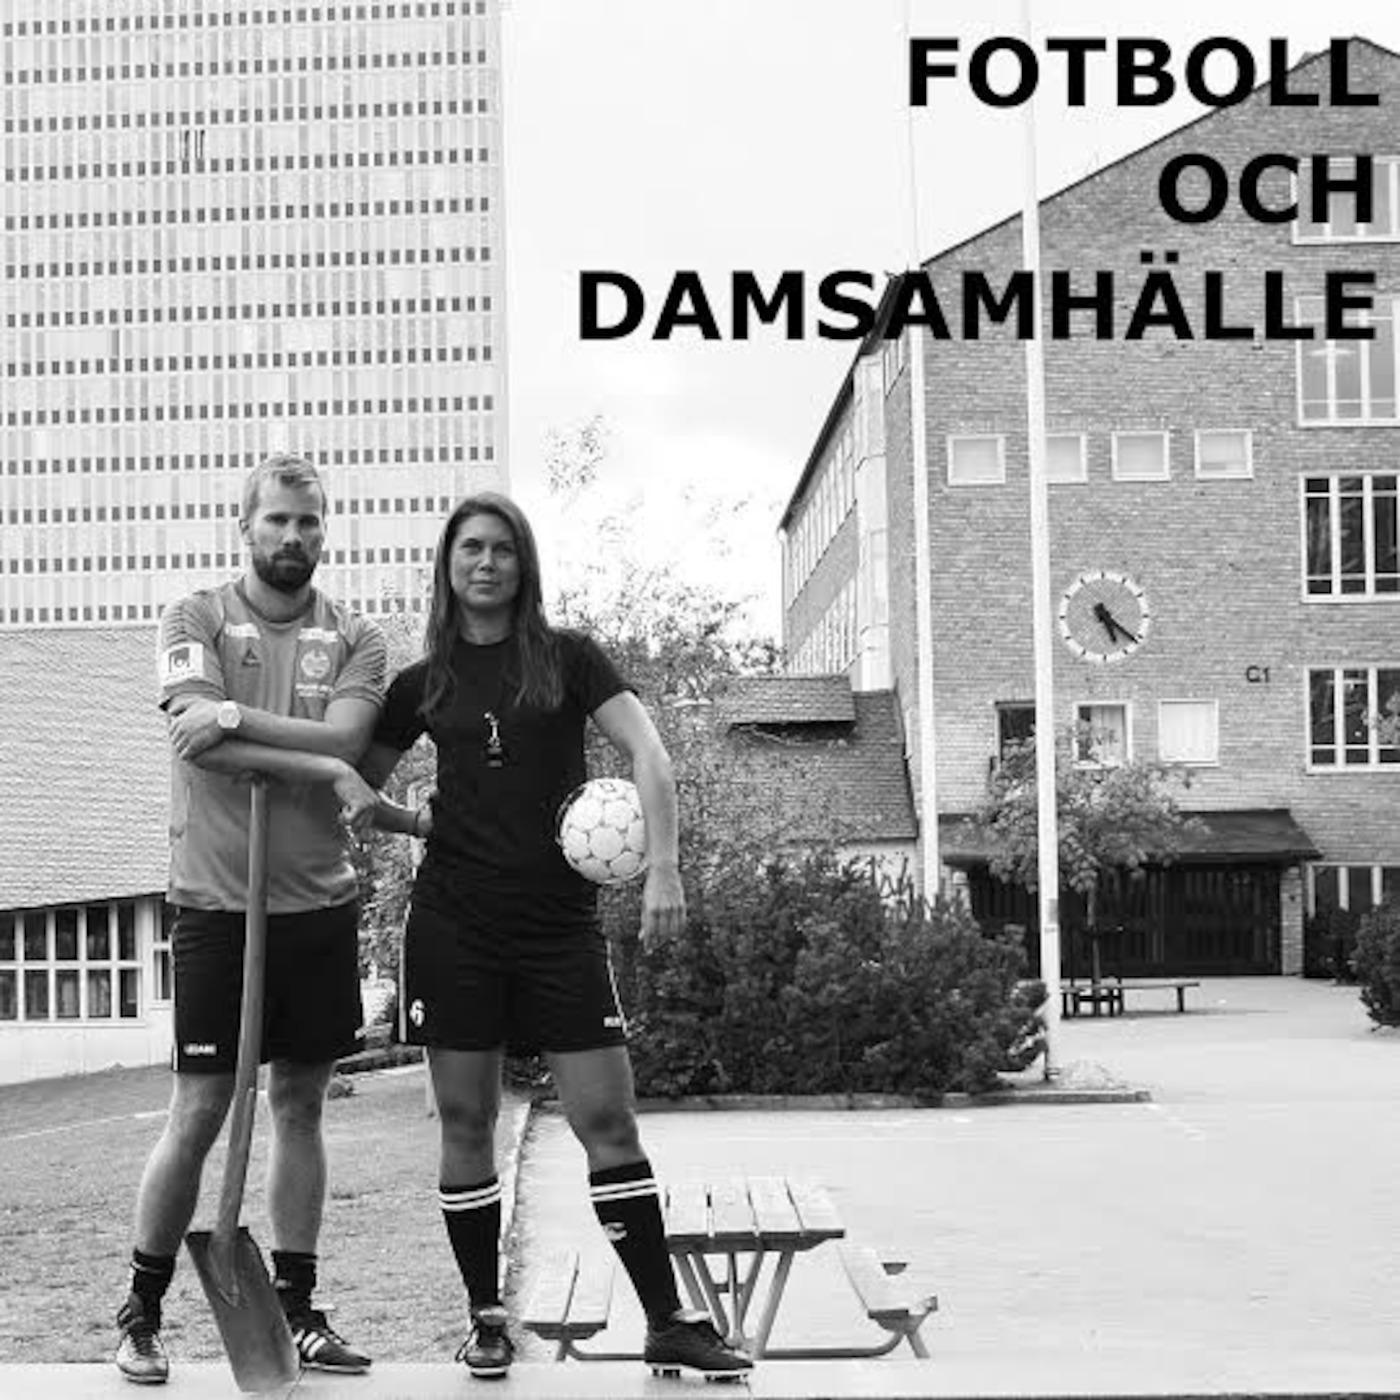 (OLD) Fotboll och Damsamhälle